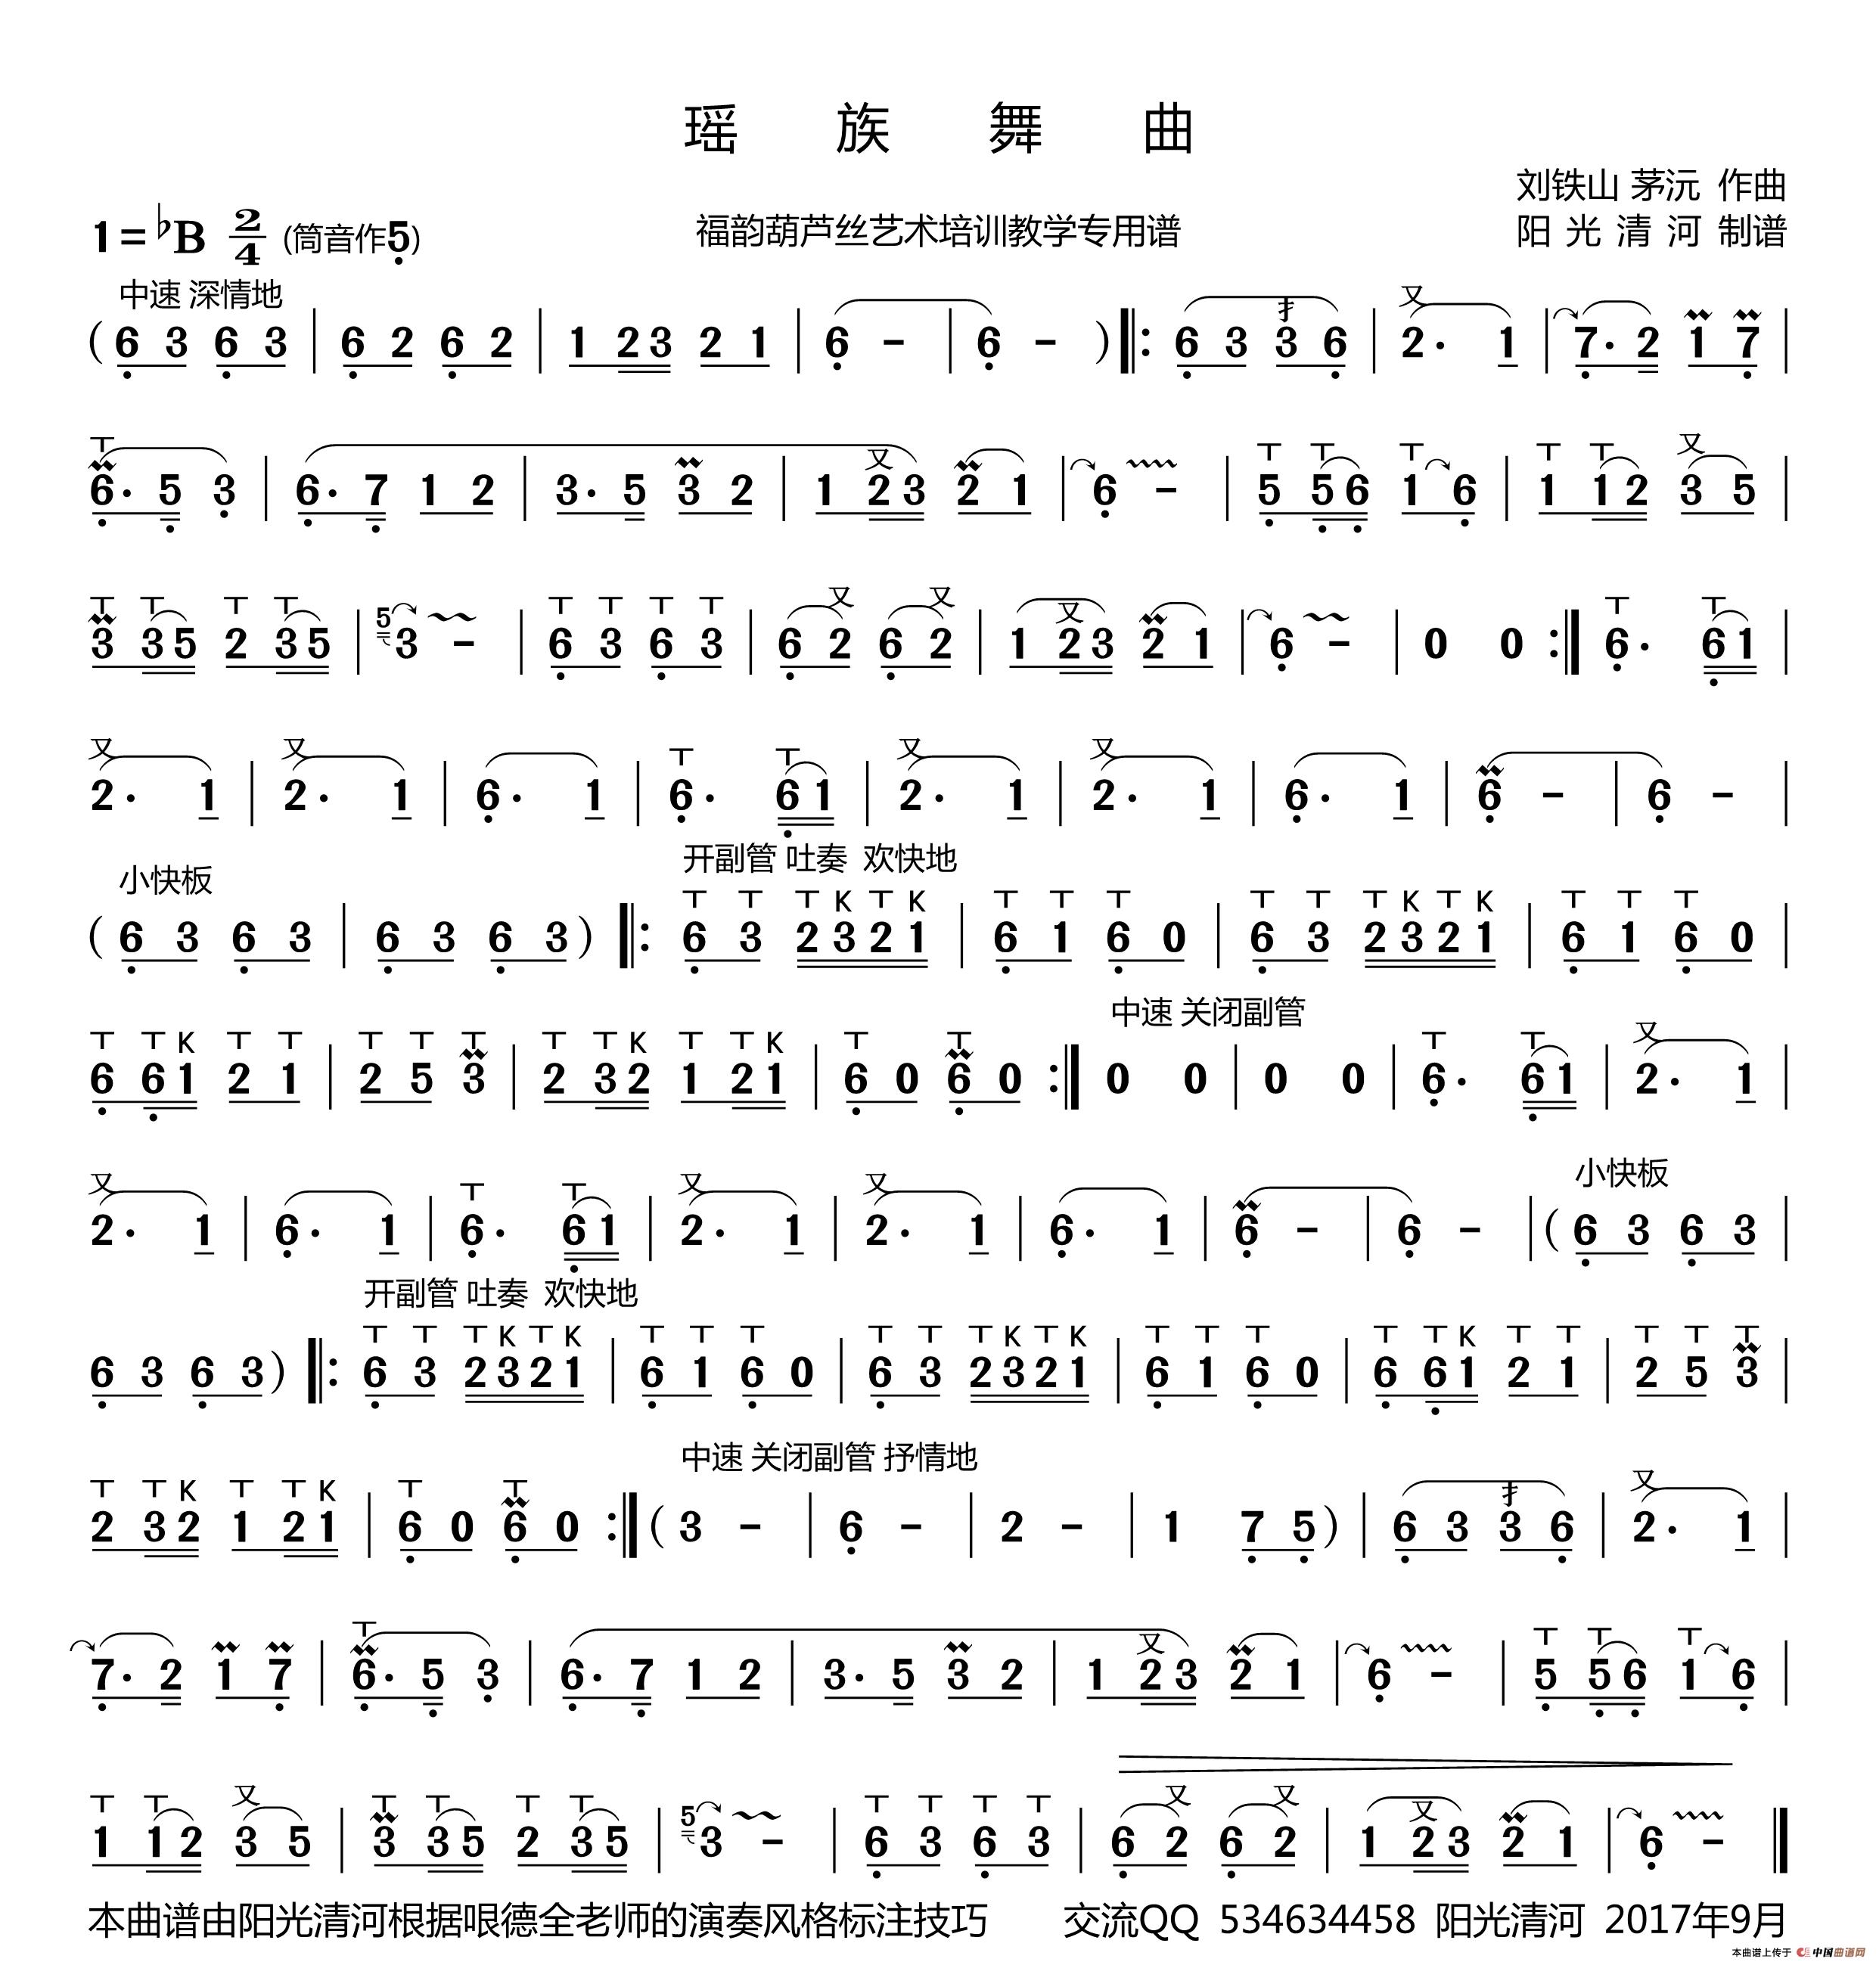 瑶族舞曲 葫芦丝谱